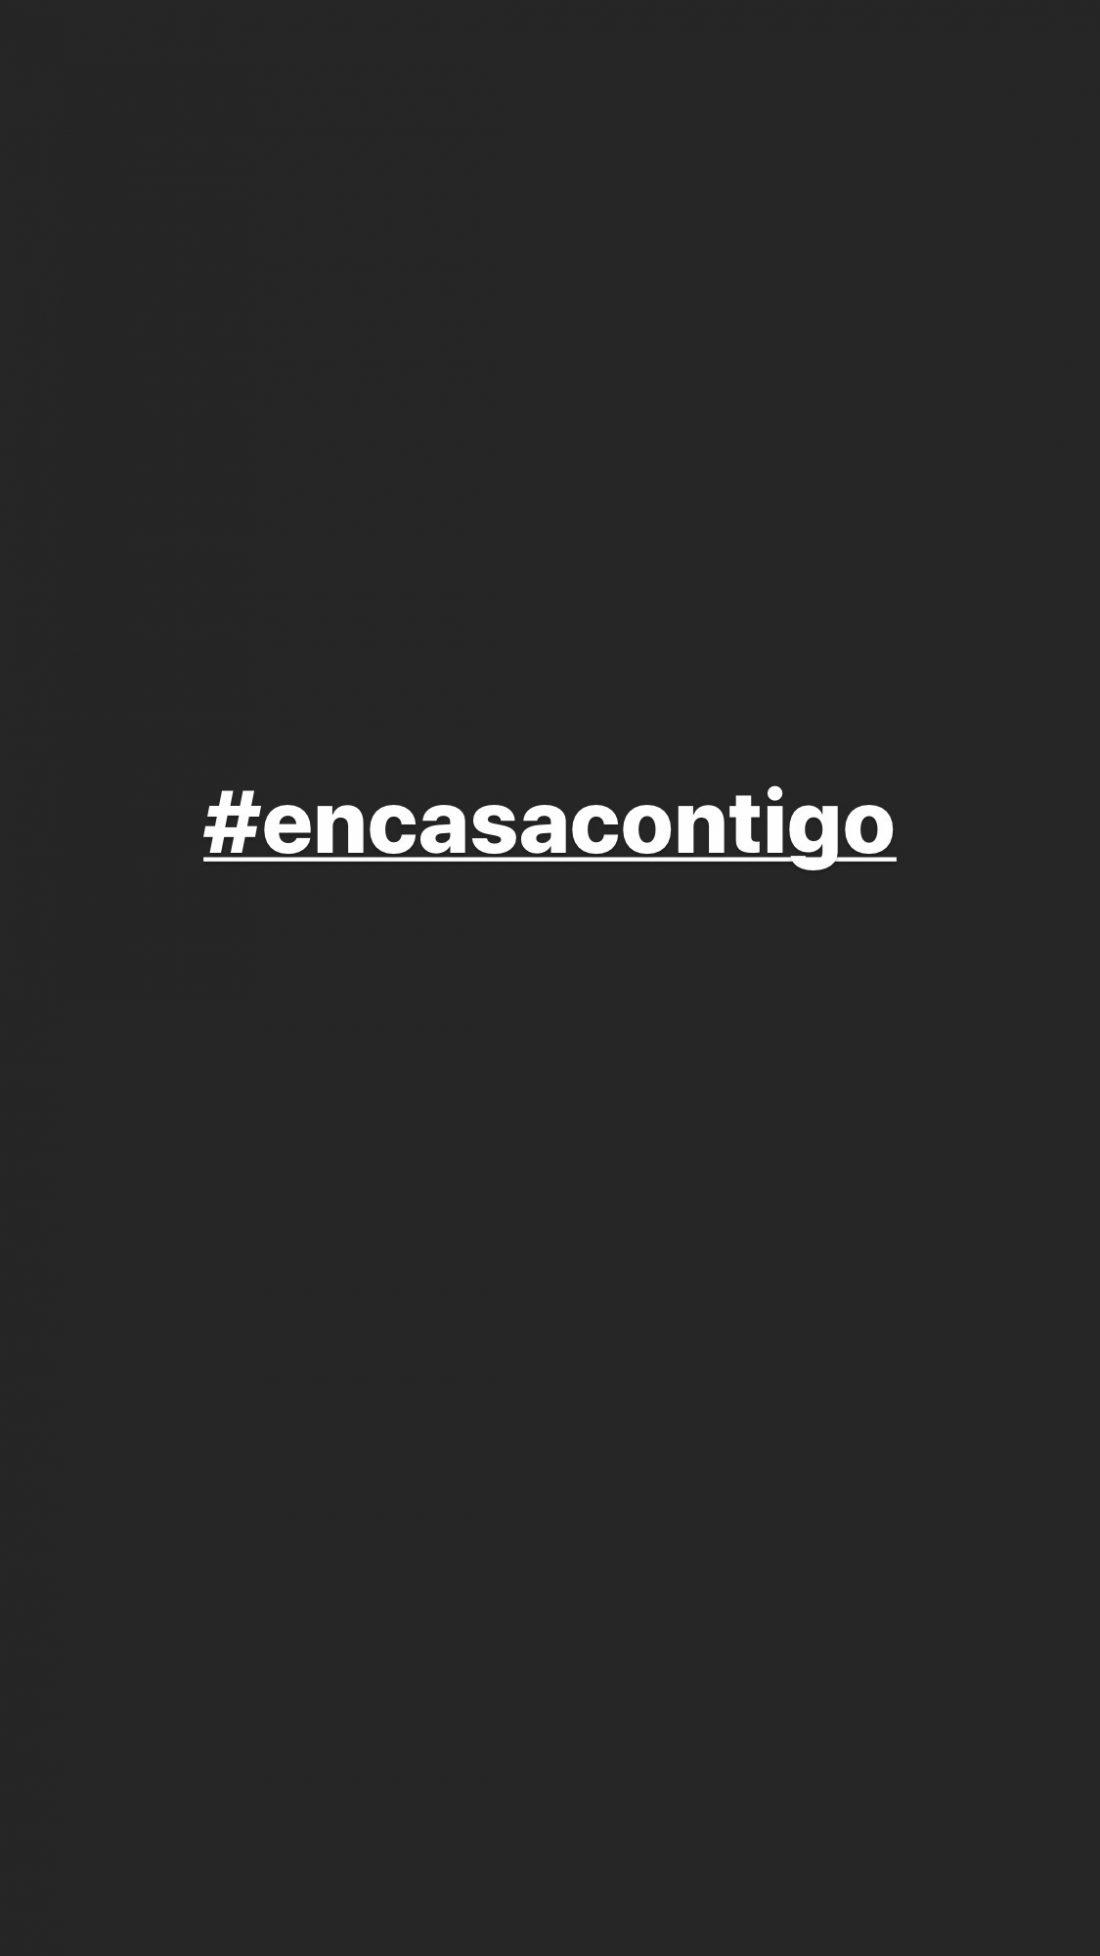 #encasacontigo